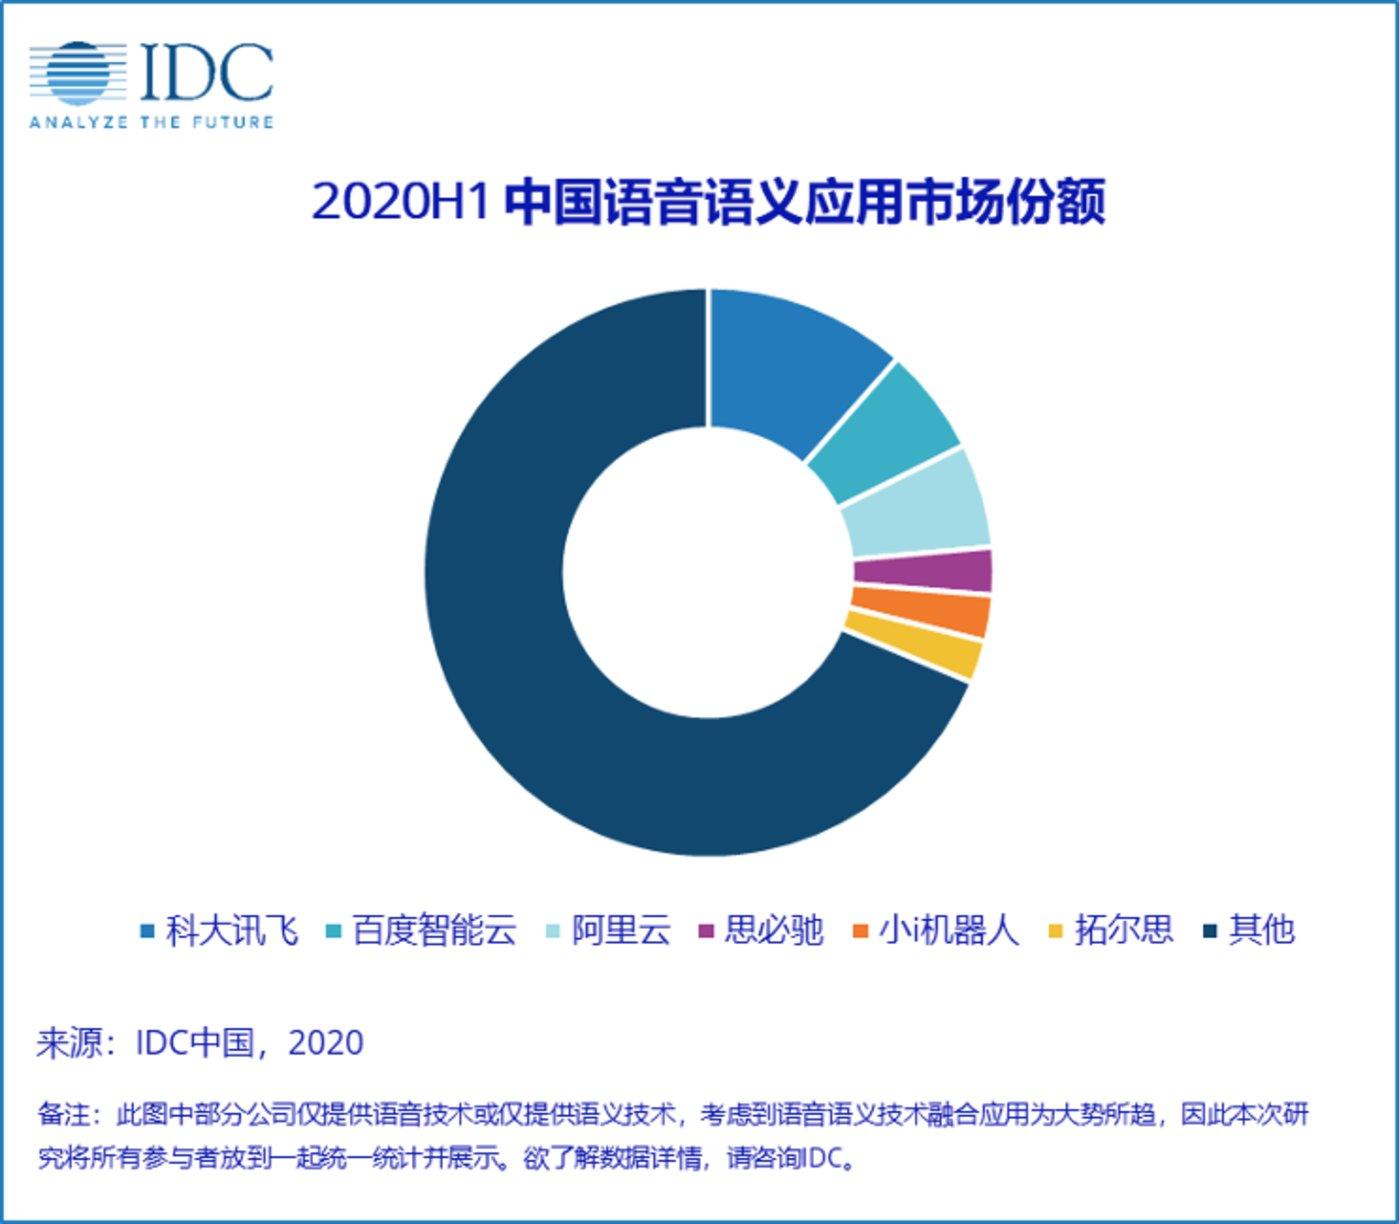 图片来源:IDC中国